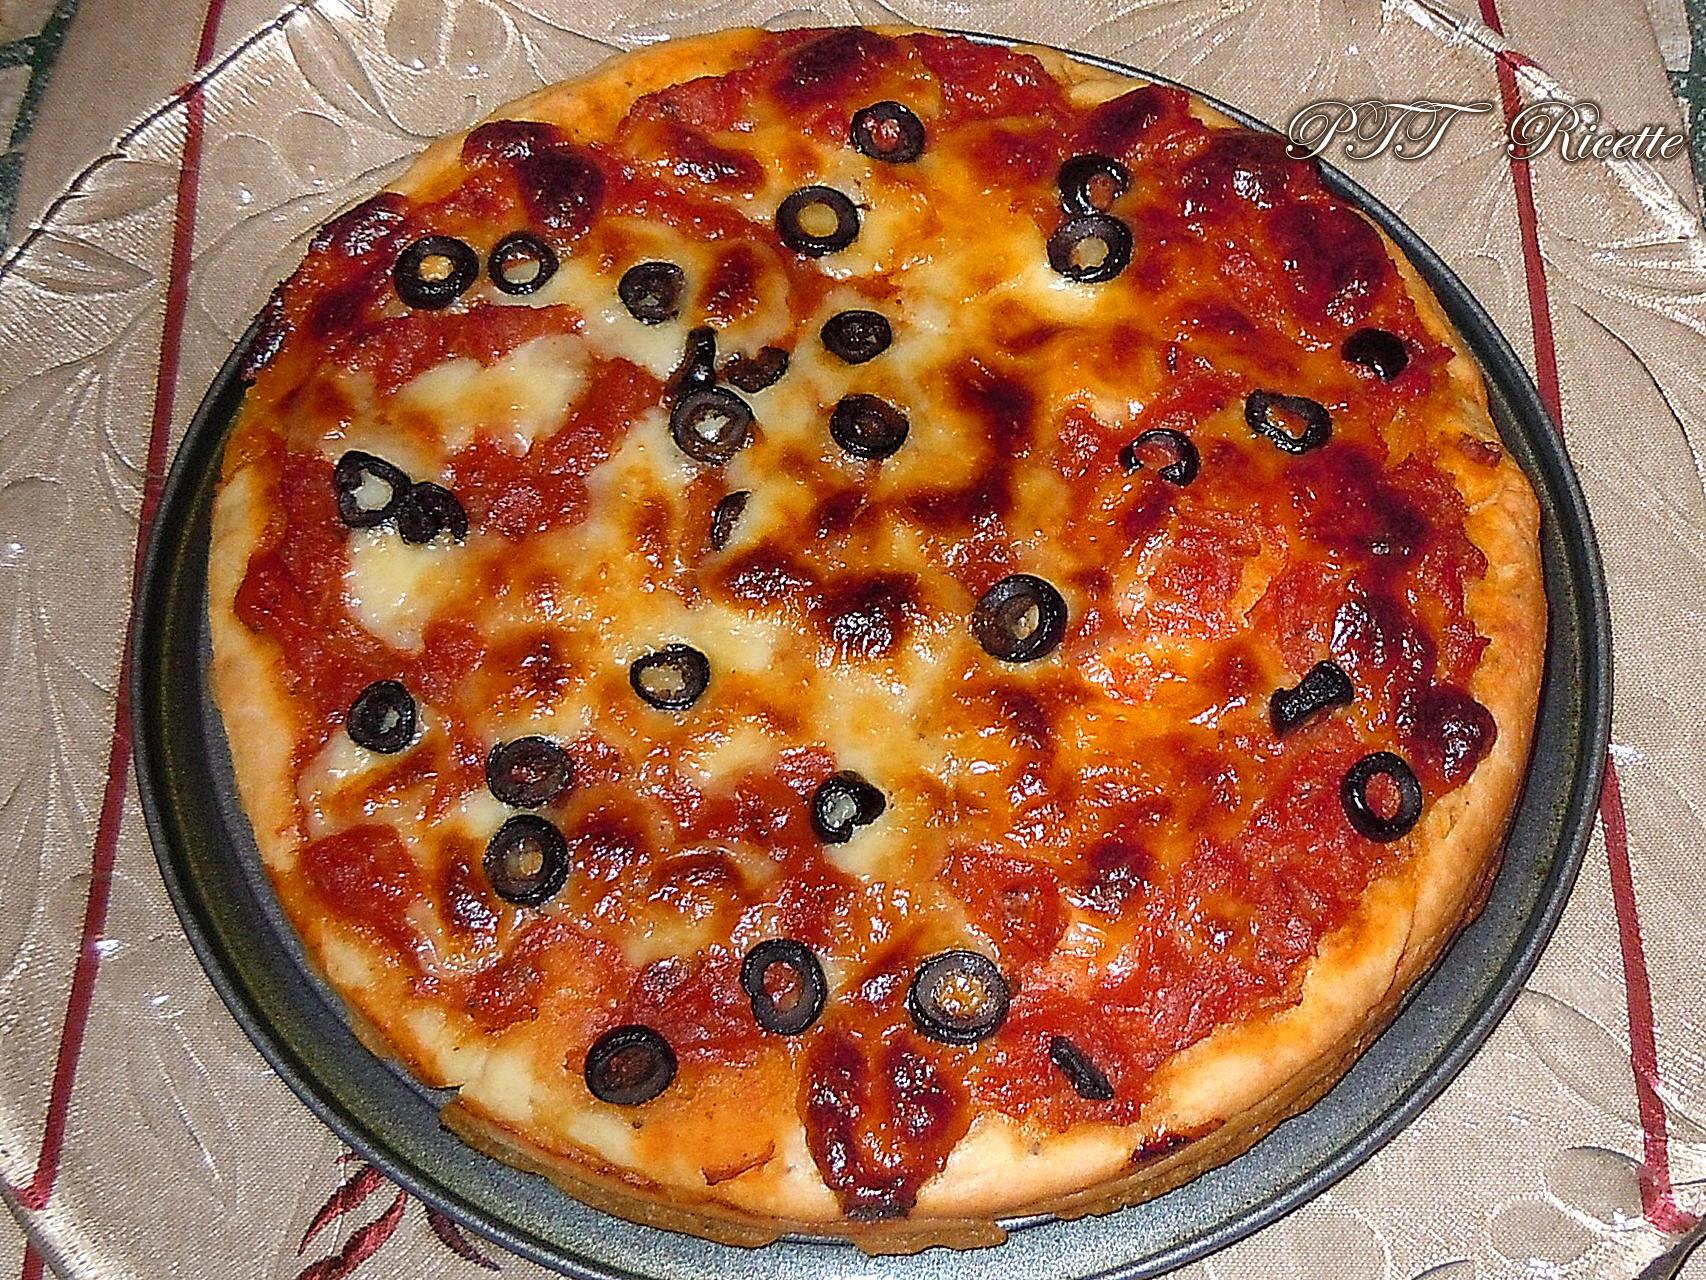 Pizza fatta in casa ricetta preparazione pizza ptt ricette for Pizza in casa